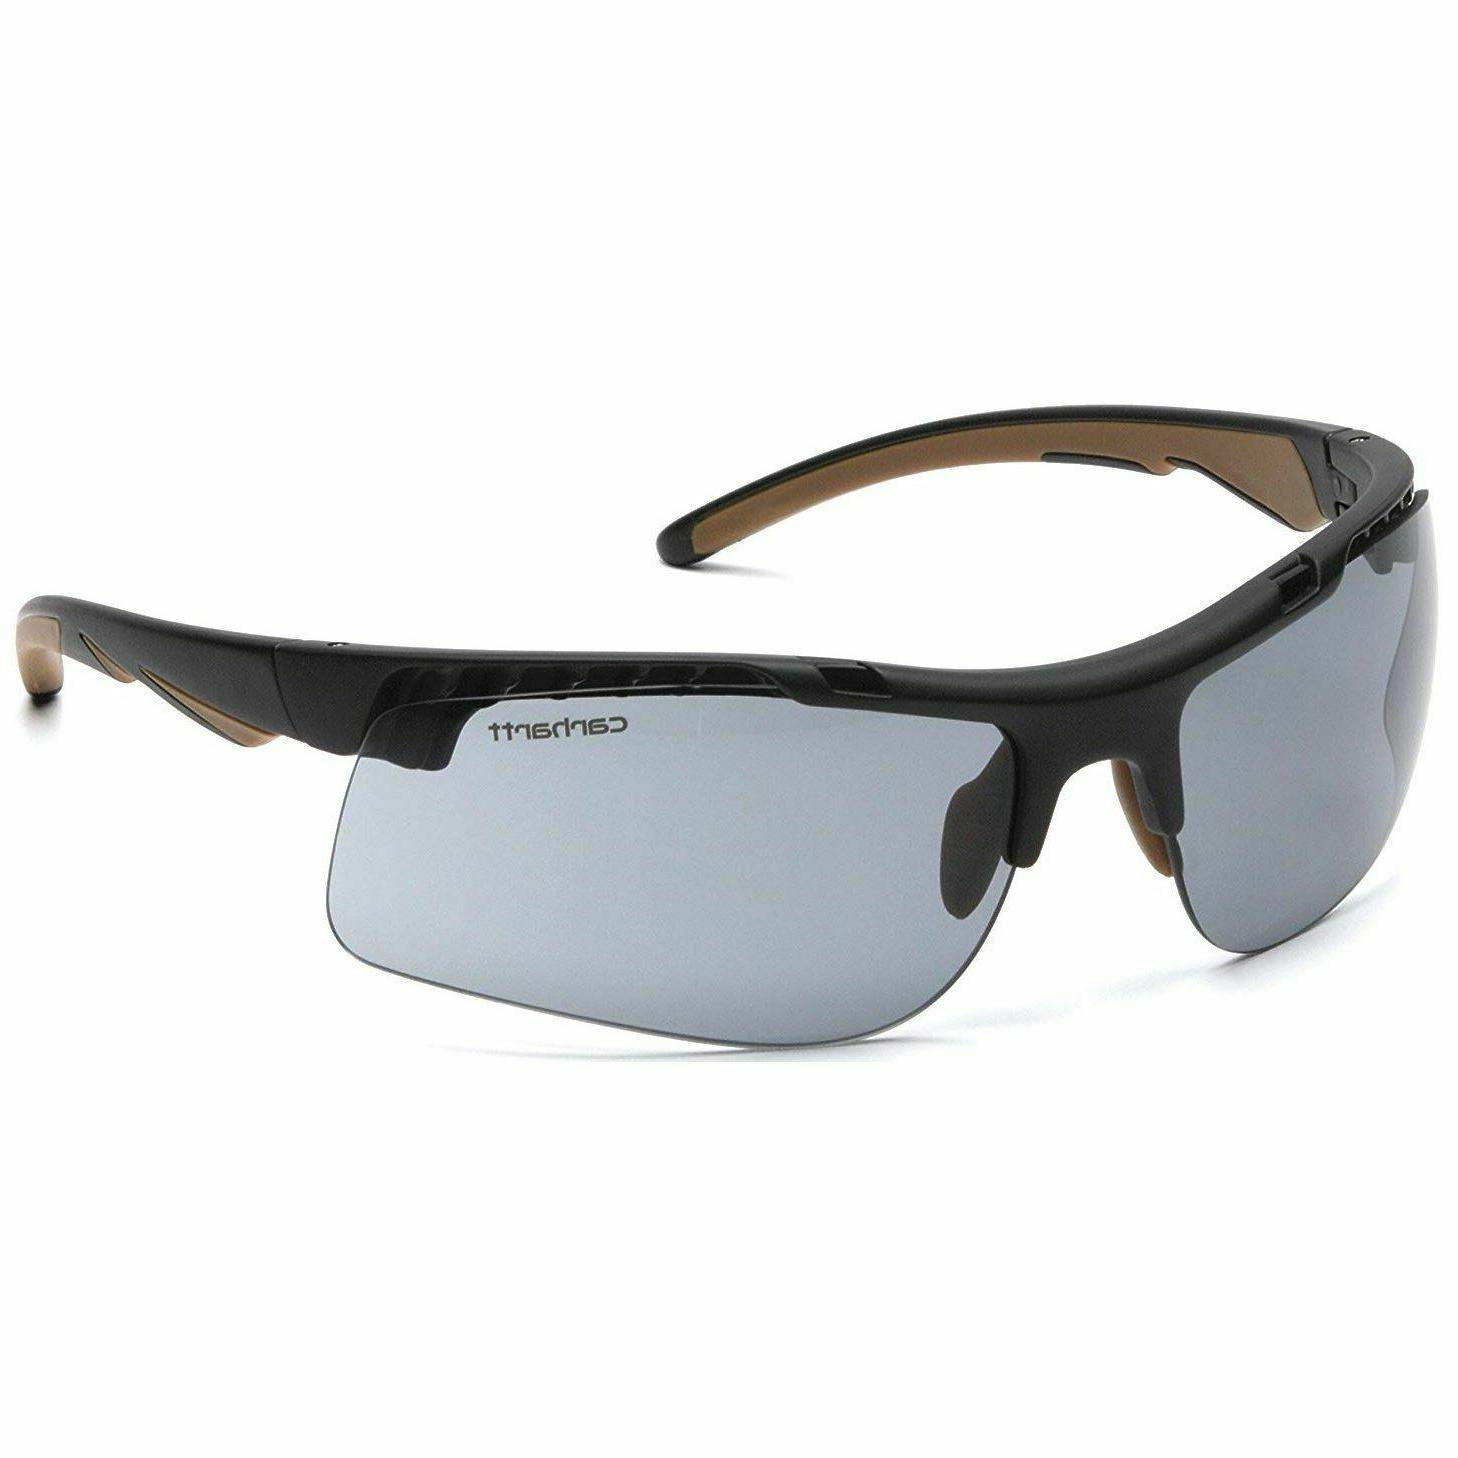 rockwood safety glasses black frames and gray